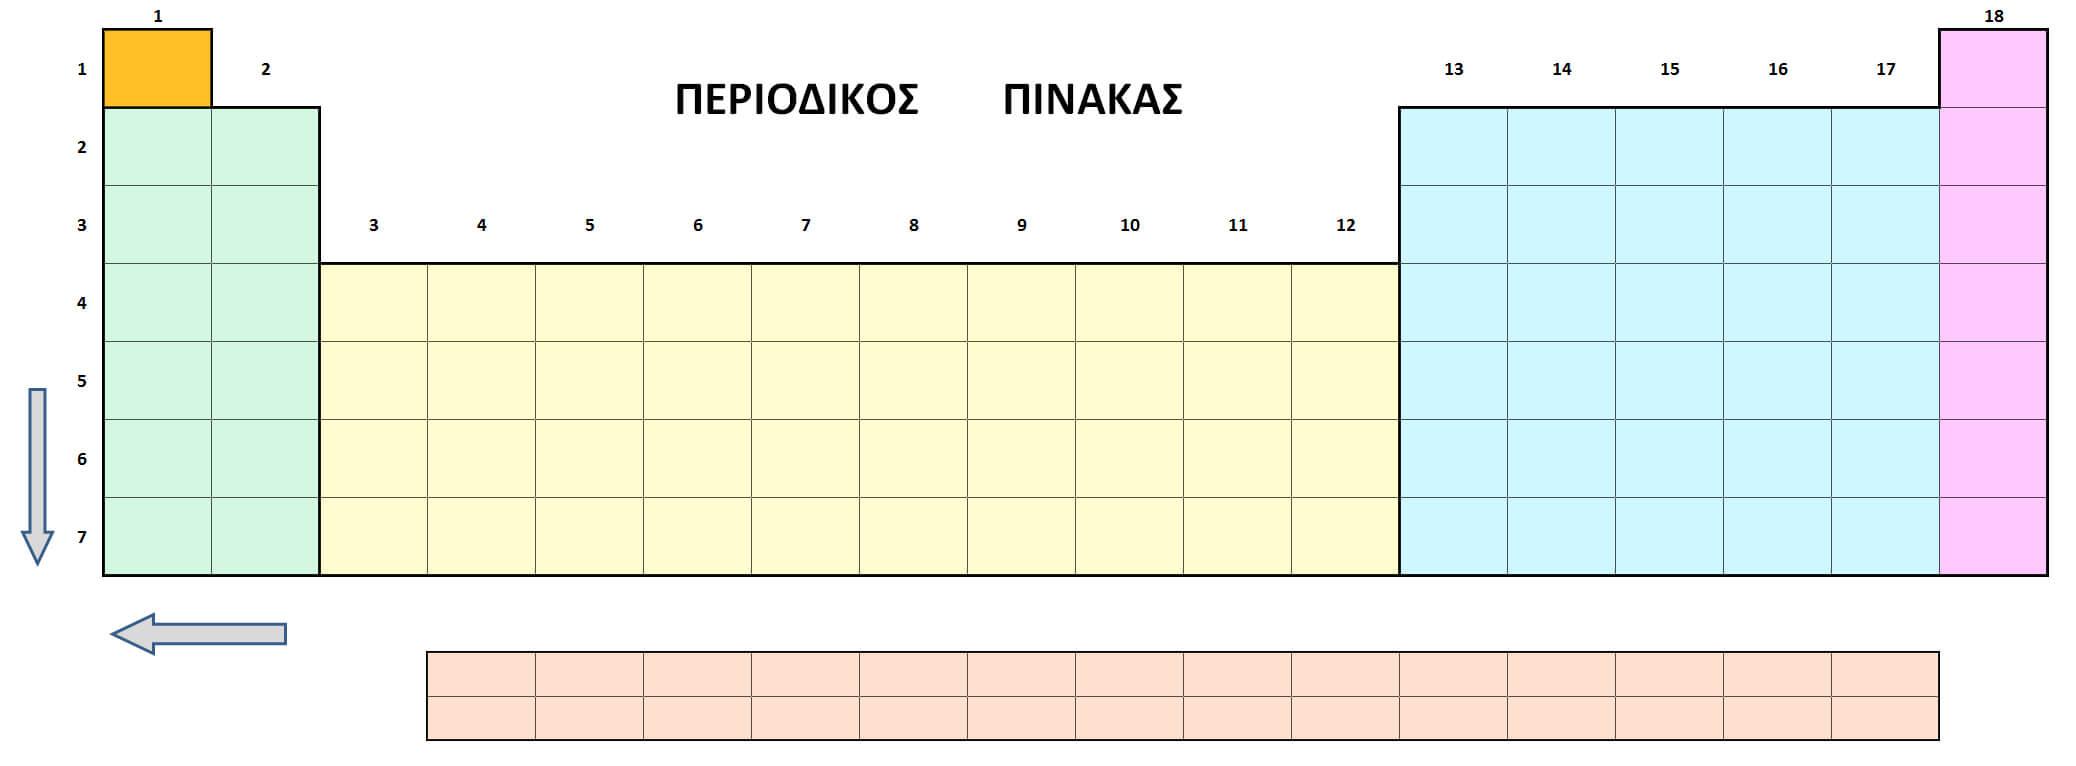 τομείς περιοδικού πίνακα χημεία Κουφόπουλου